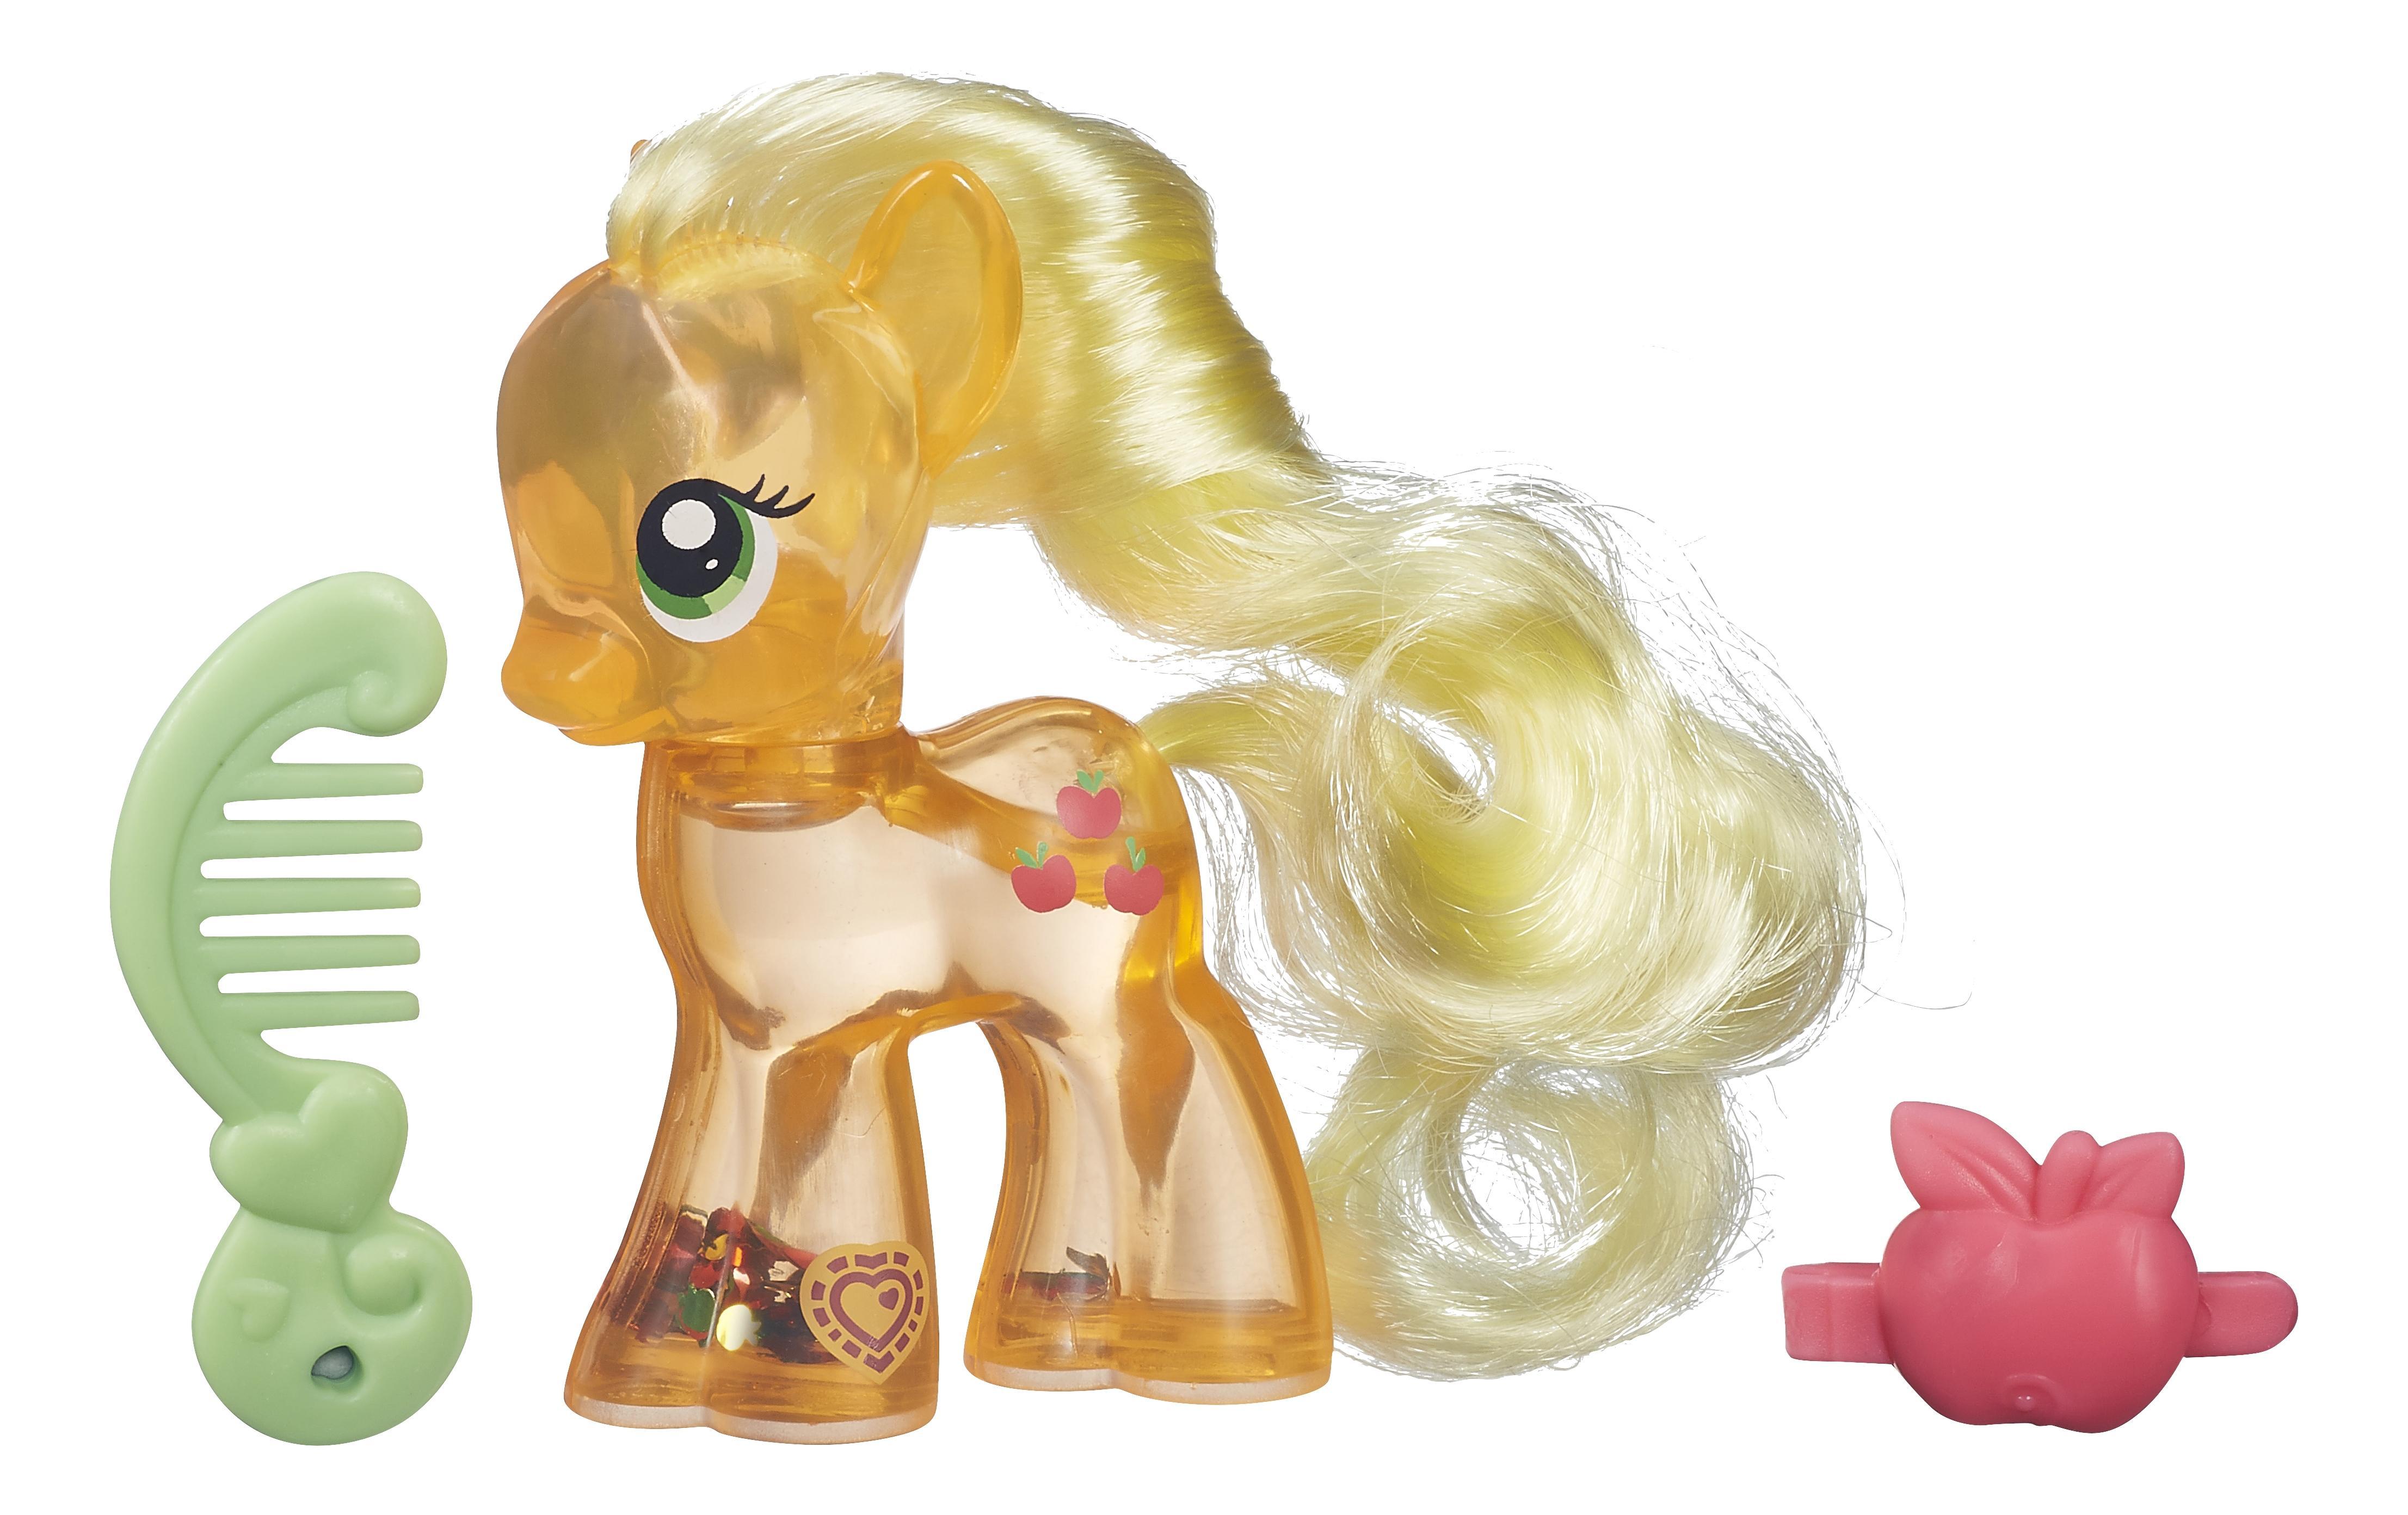 Купить Mlp пони с блестками b0357 b5416, My little Pony, Игровые фигурки